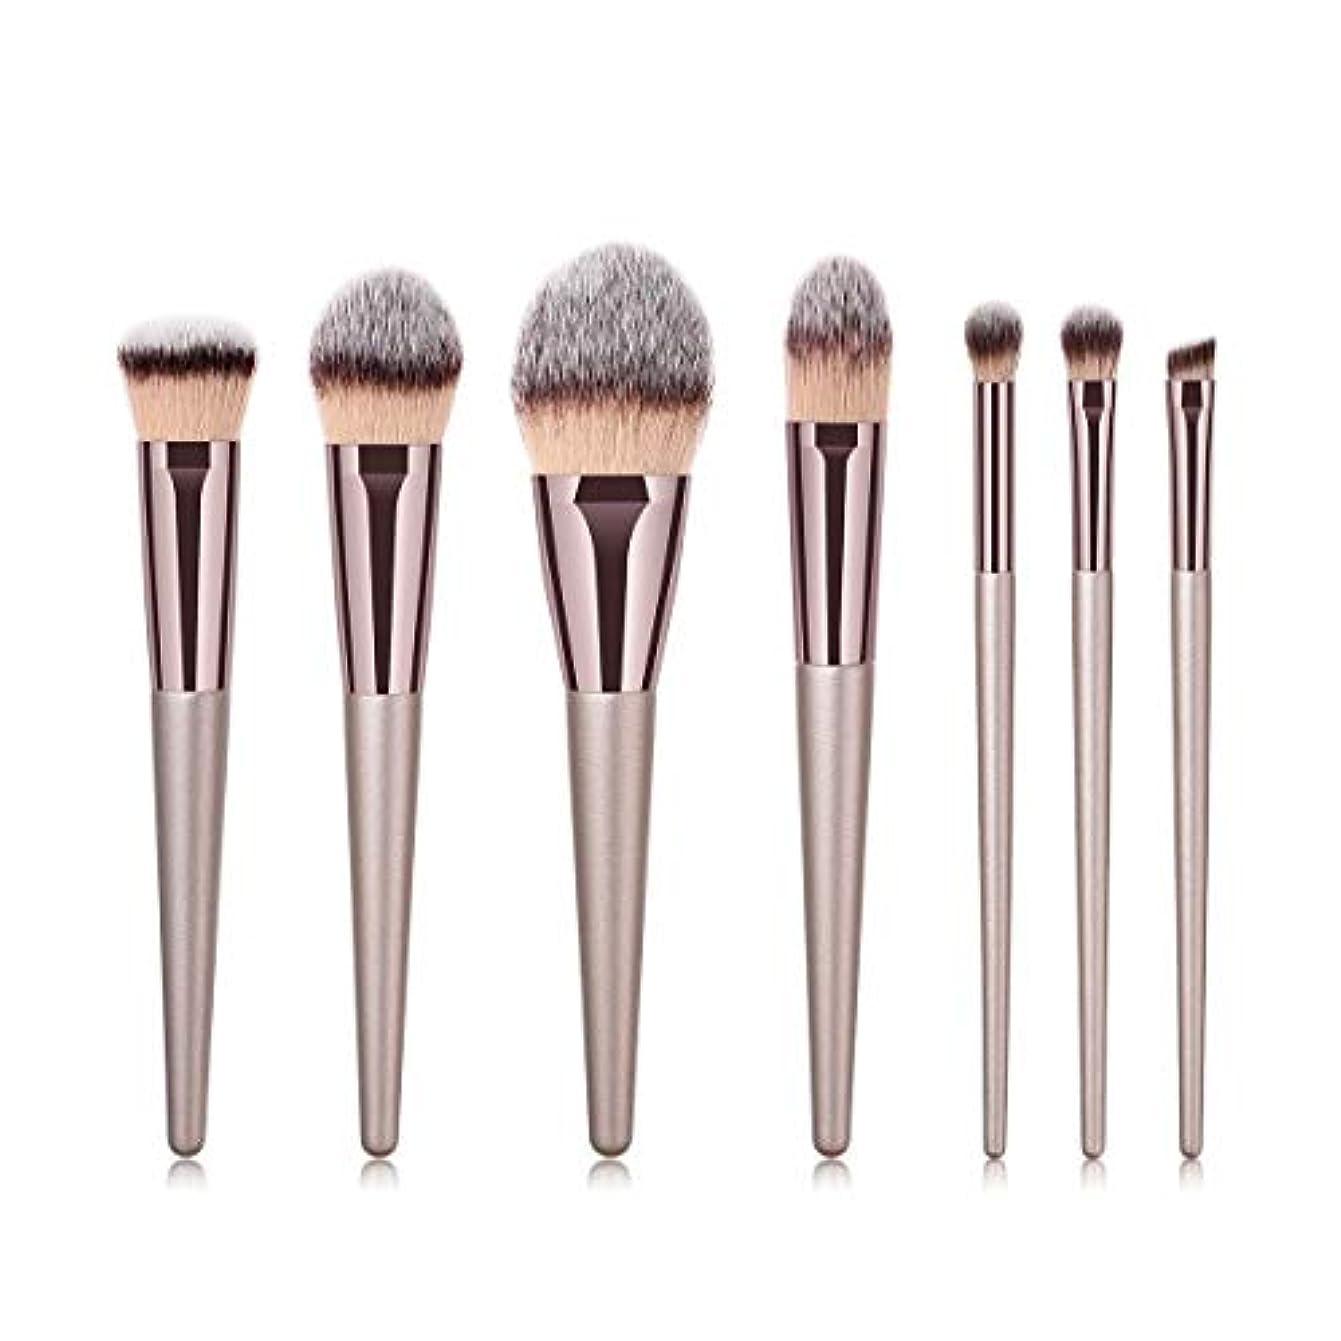 わかる過去プロテスタントMakeup brushes 7化粧ブラシファンデーションブラシパウダーブラッシュブラシアイシャドーブラシハイトグロスシルエットブラシセットブラシグレー suits (Color : Gray)